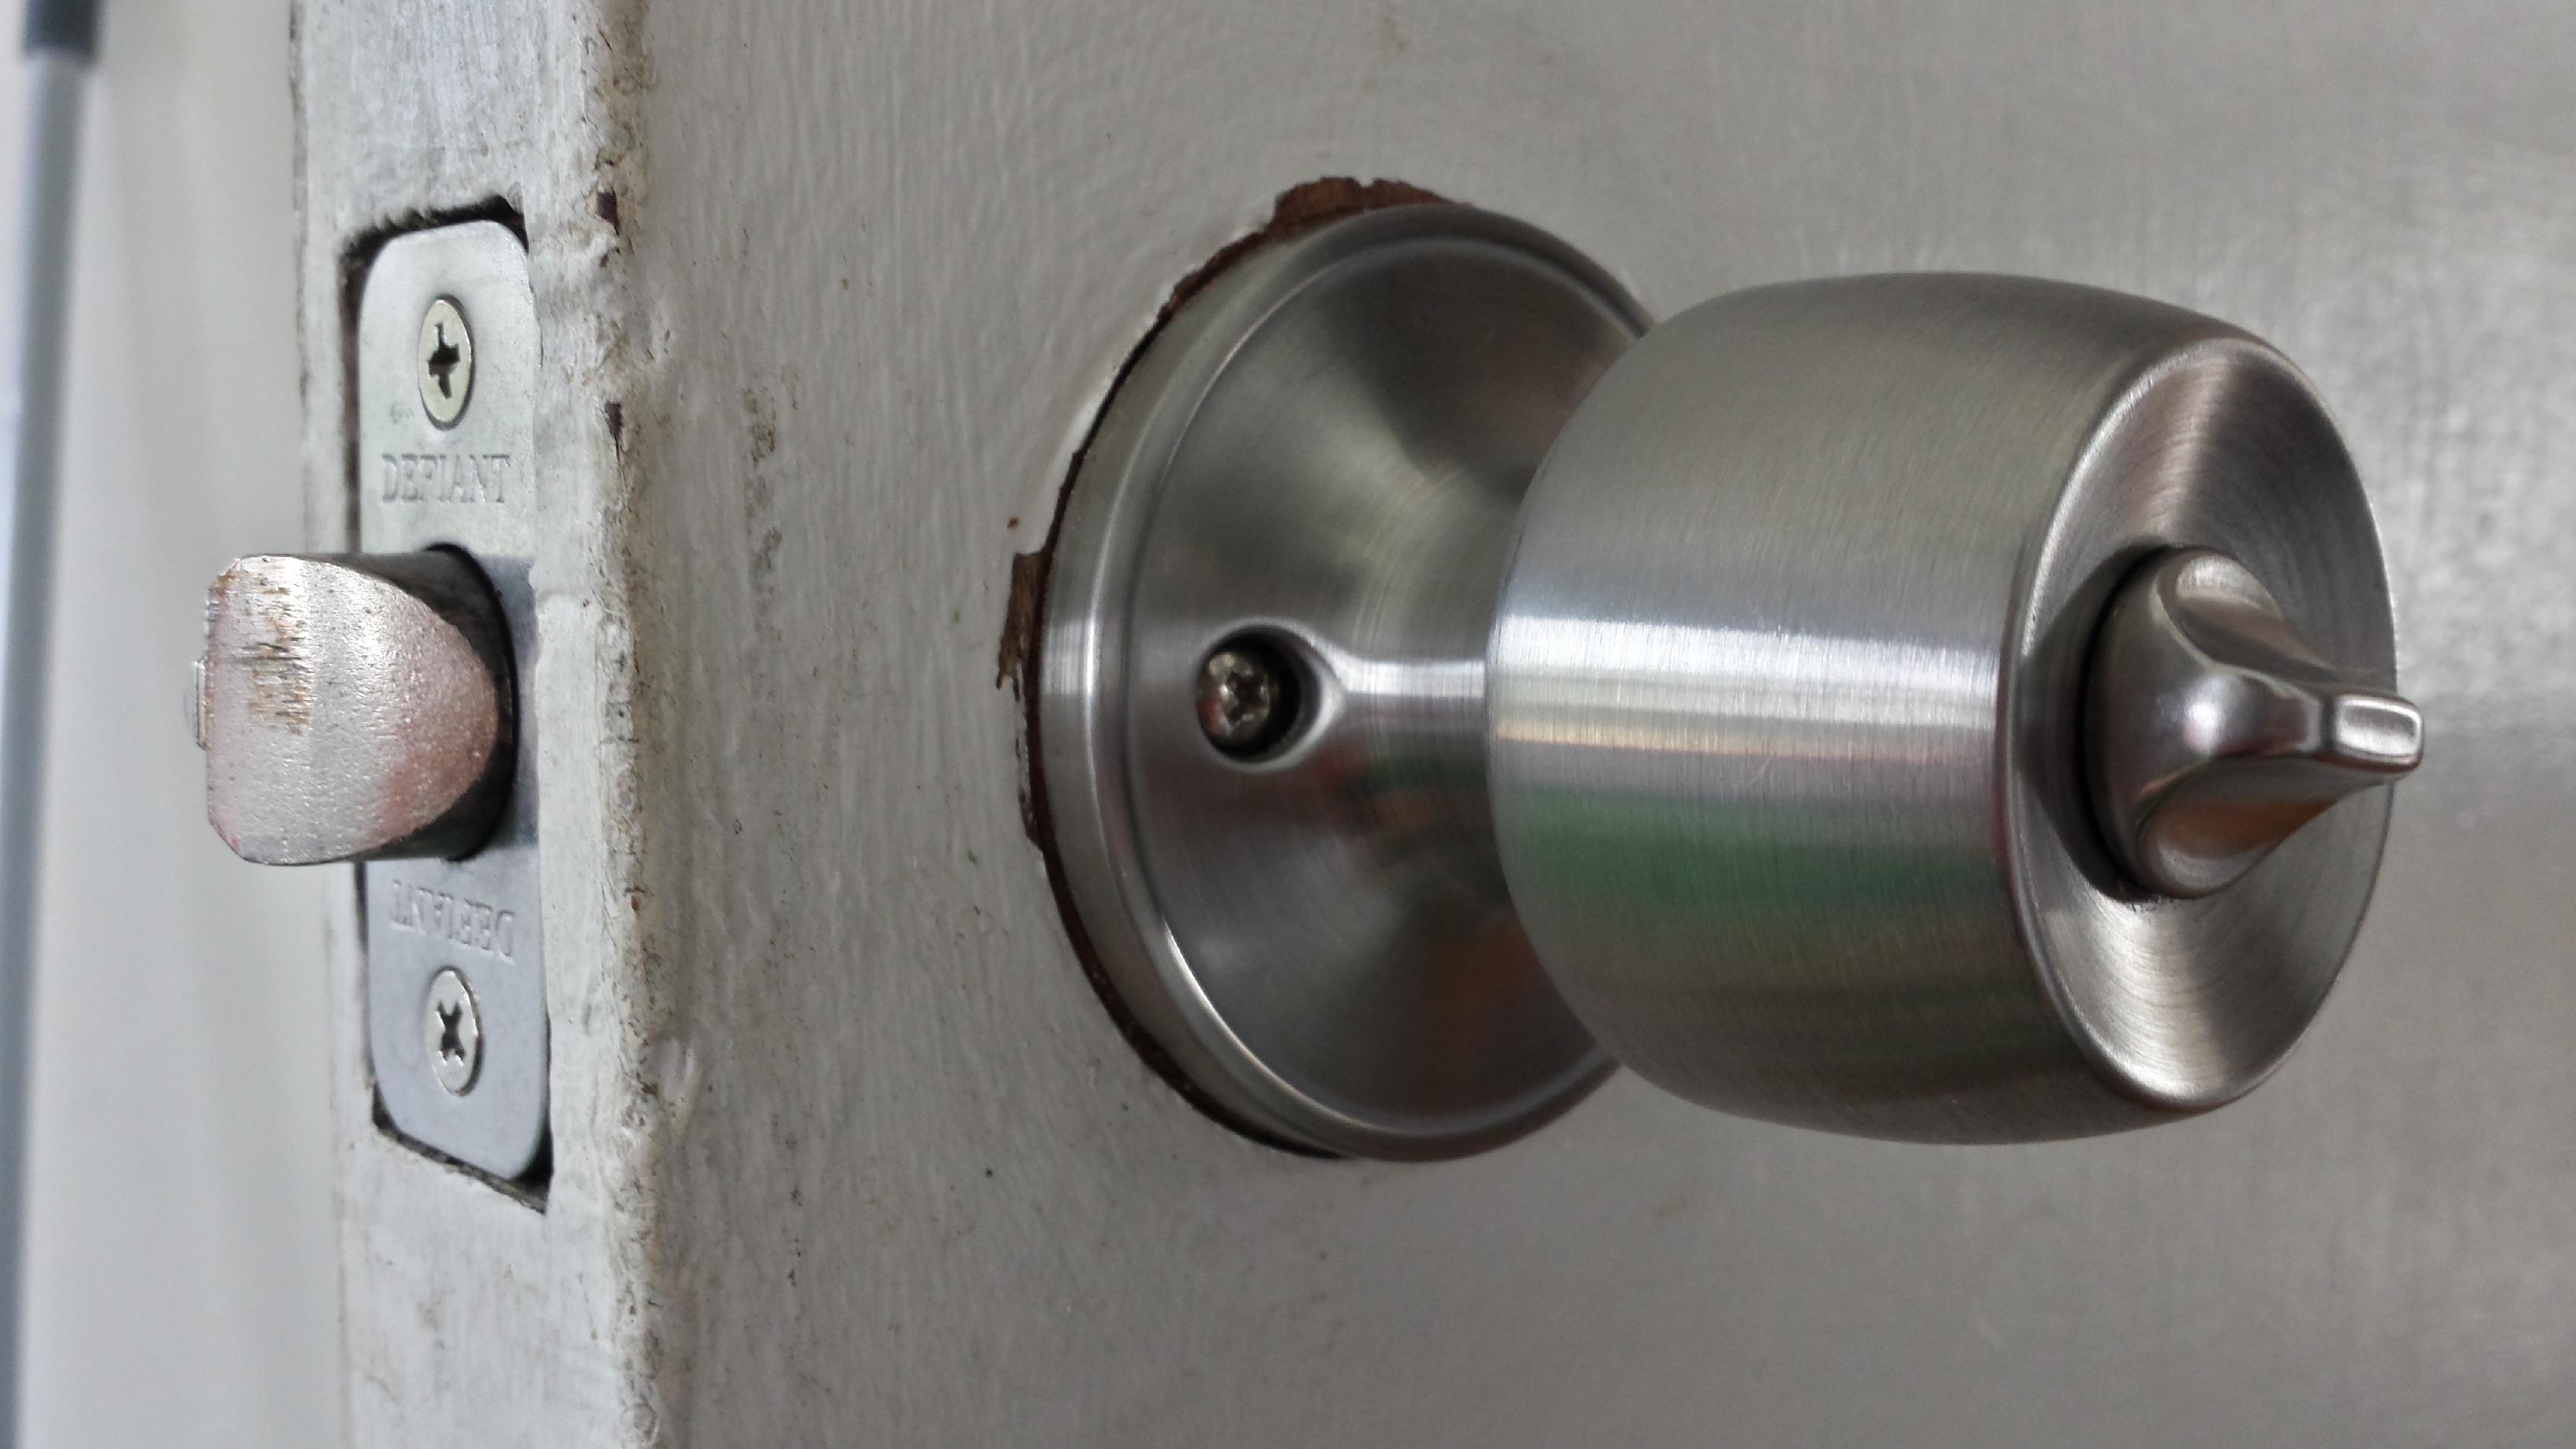 How To Change A Door Lock